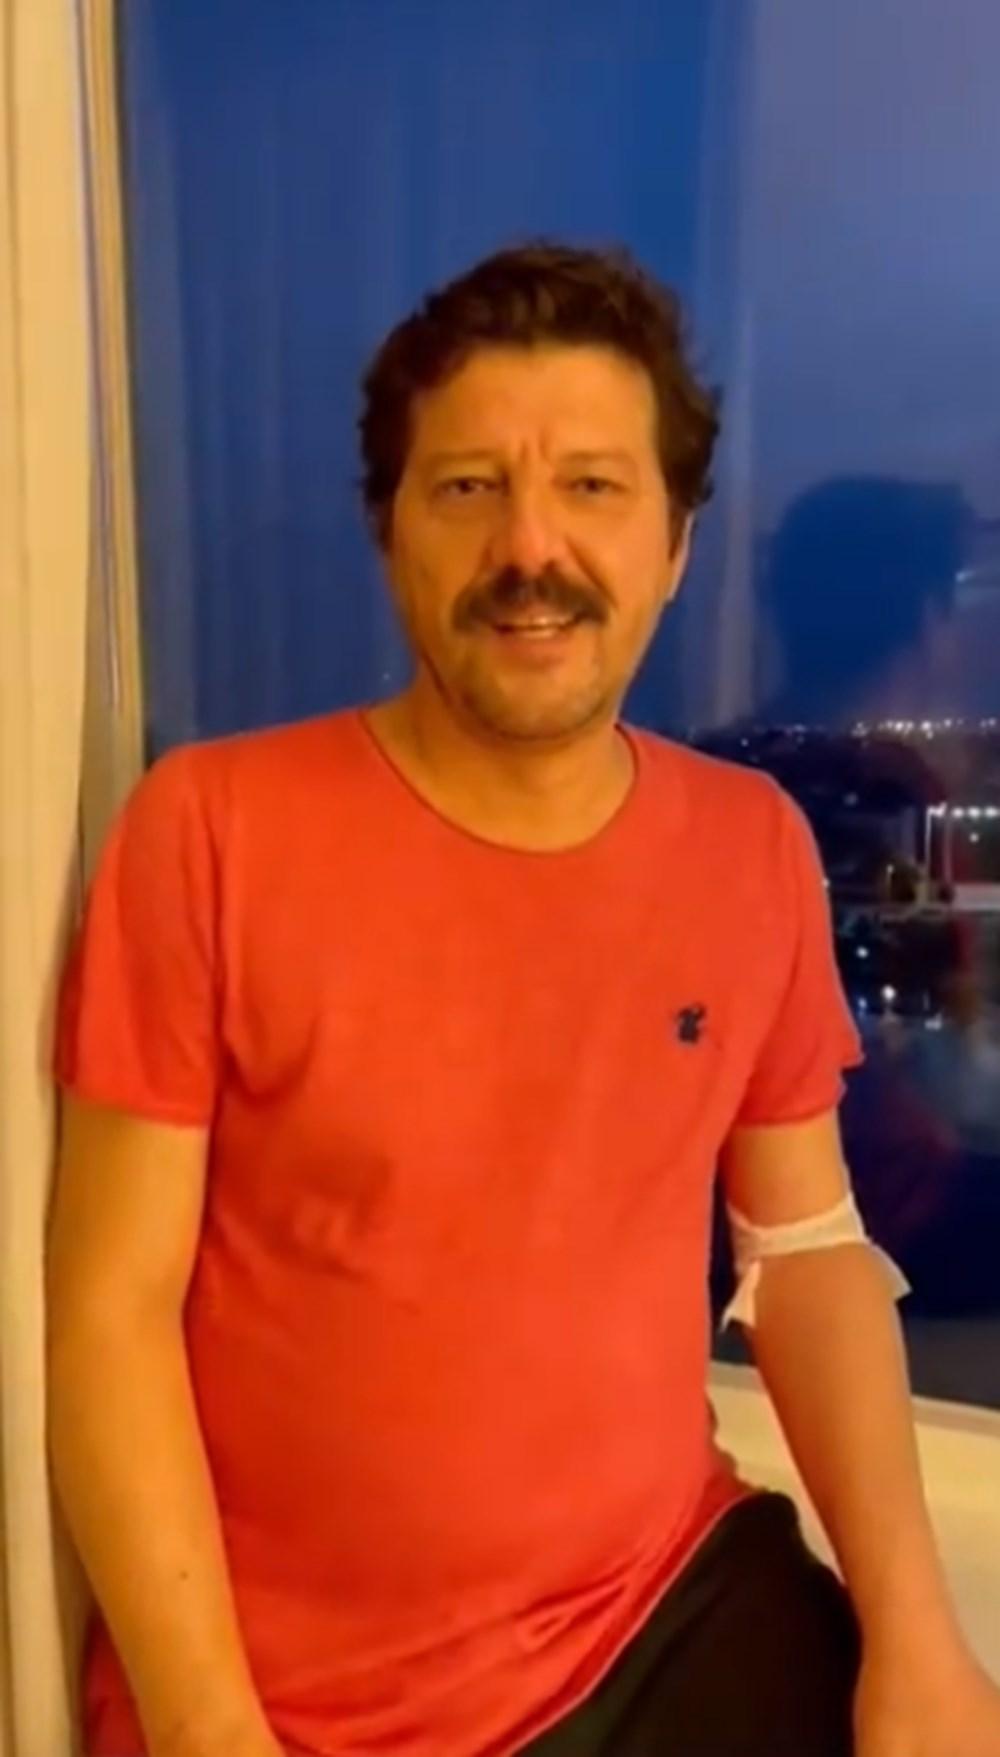 Otomobili takla atan oyuncu İlker Aksum'dan açıklama - 4